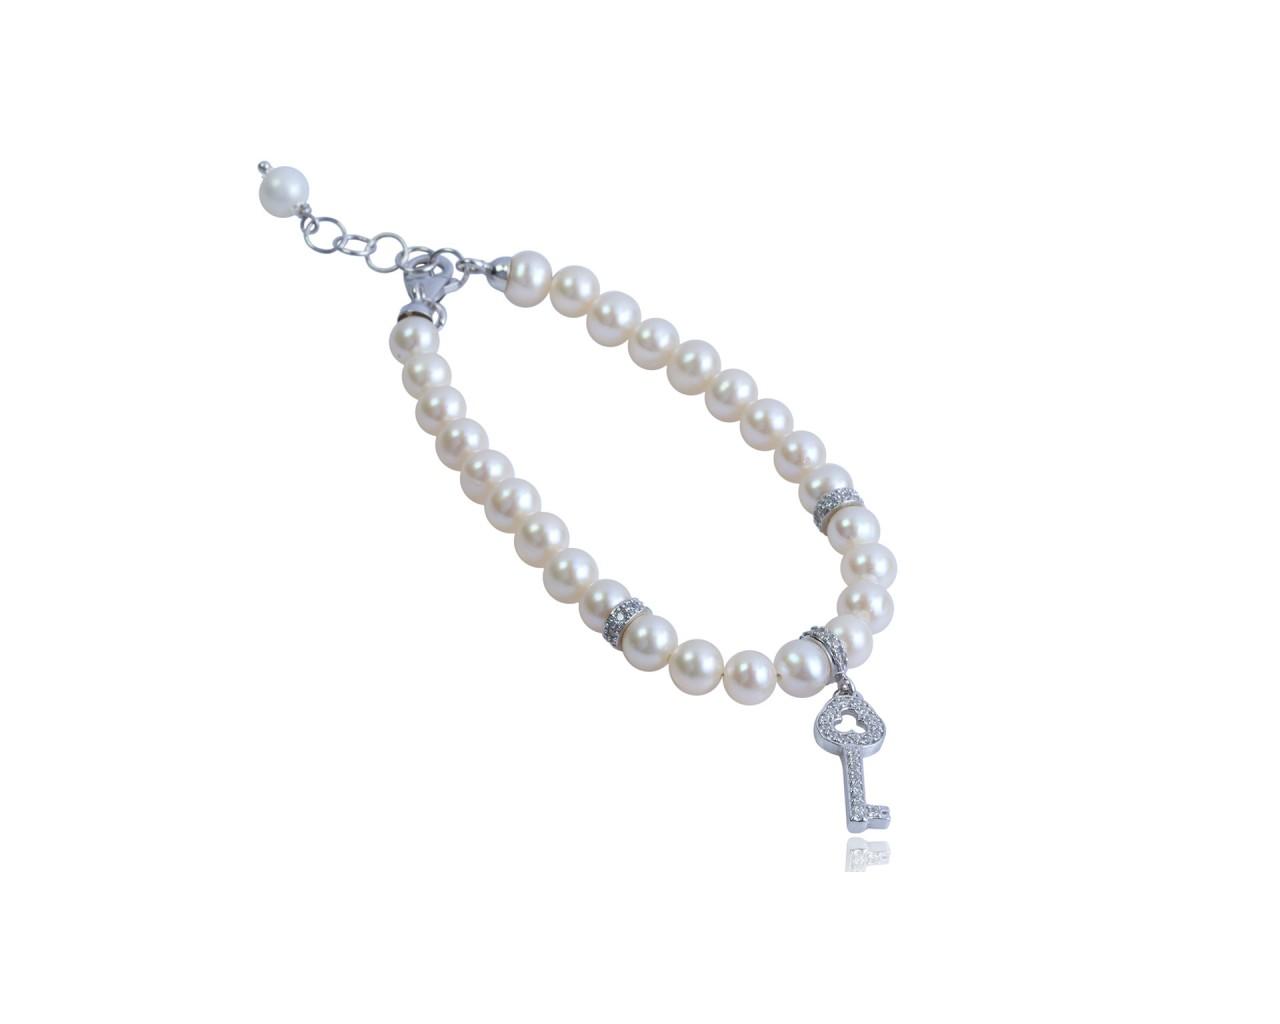 Bracciale in argento con perle di fiume e ciondolino raffigurante una chiave